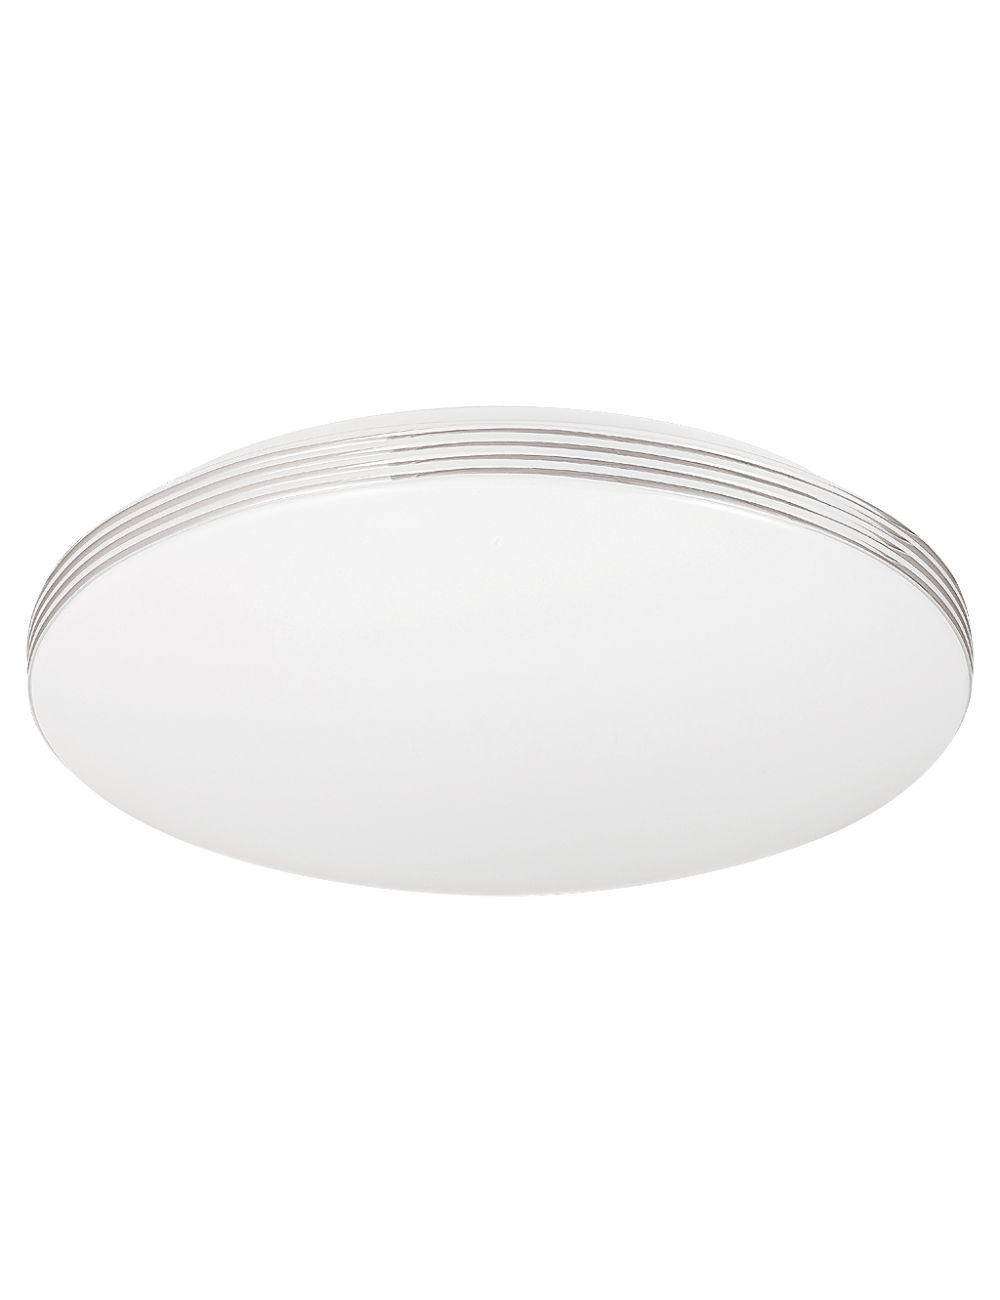 2783 Oscar plafon ledowy okrągły srebrny  Rabalux